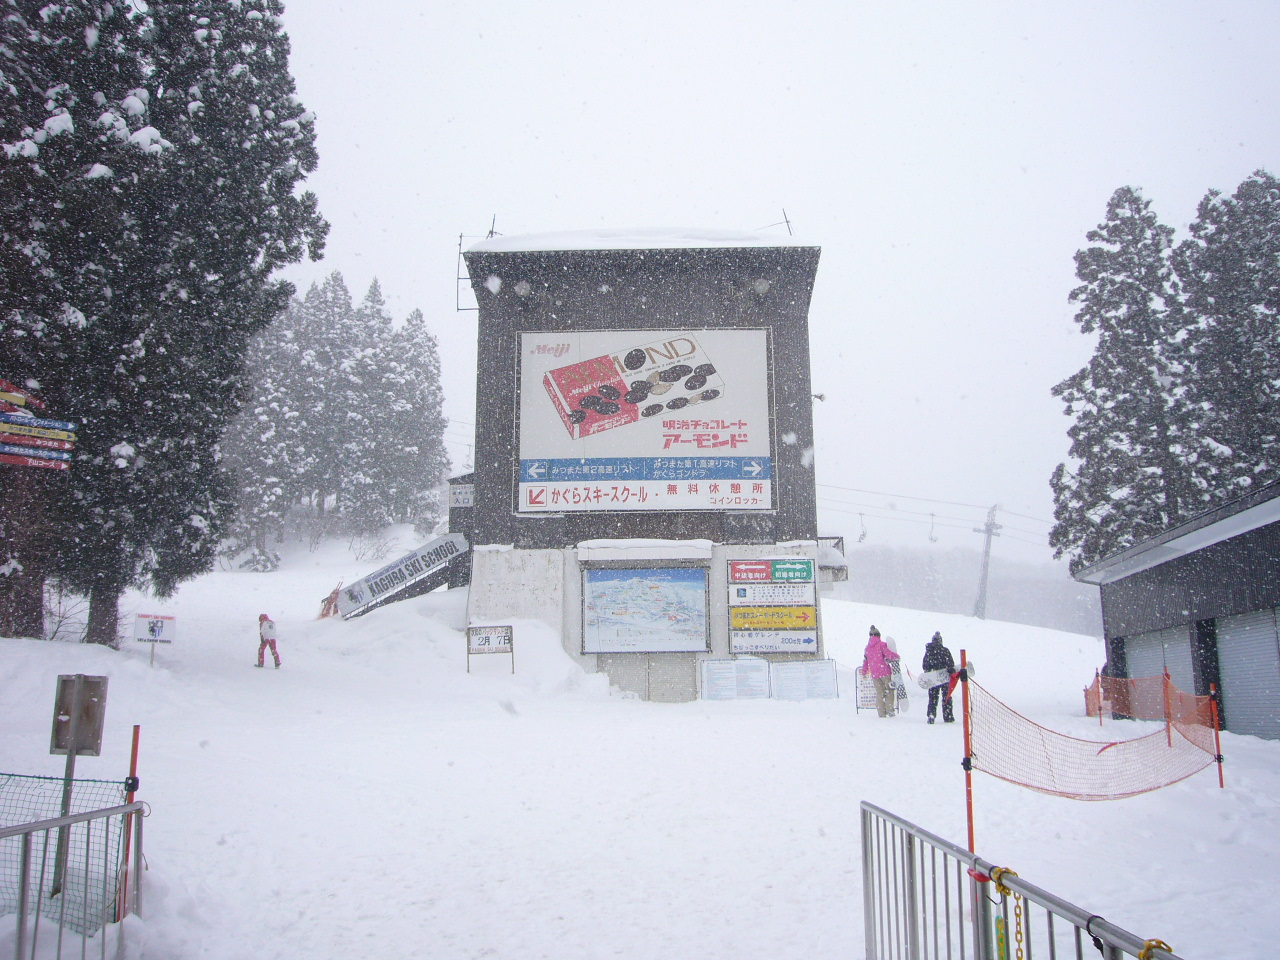 パウダー!|かぐらスキー場のクチコミ画像